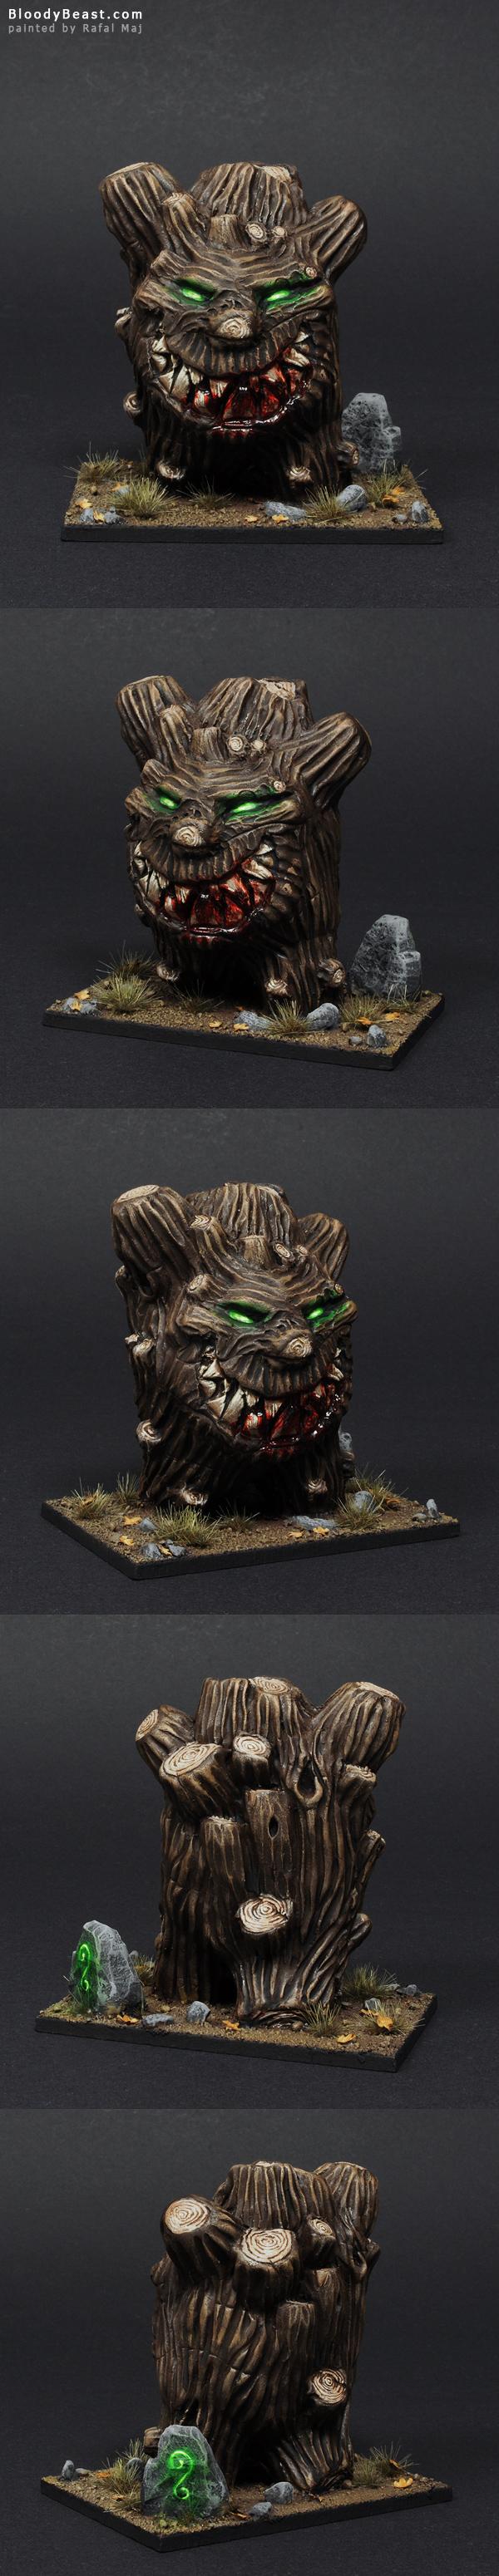 BloodyBeast Treeman painted by Rafal Maj (BloodyBeast.com)